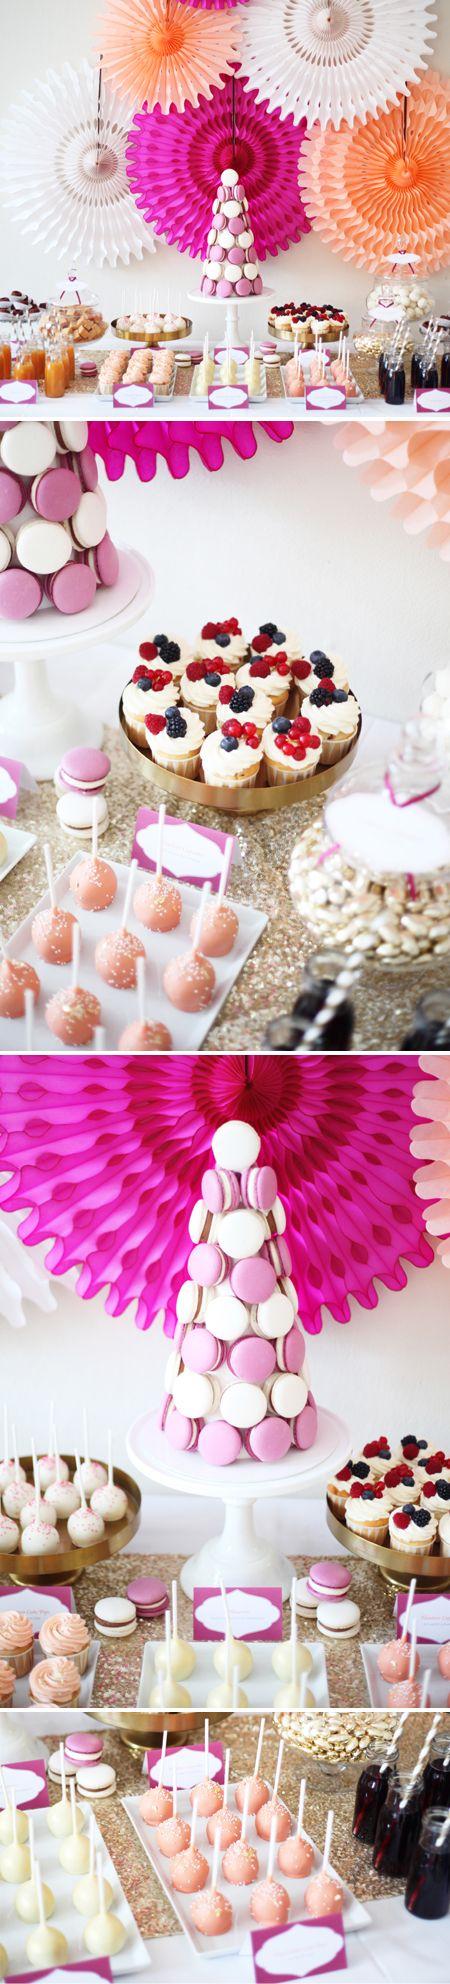 Glade Candy Buffet - Zuckermonarchie, Hamburg